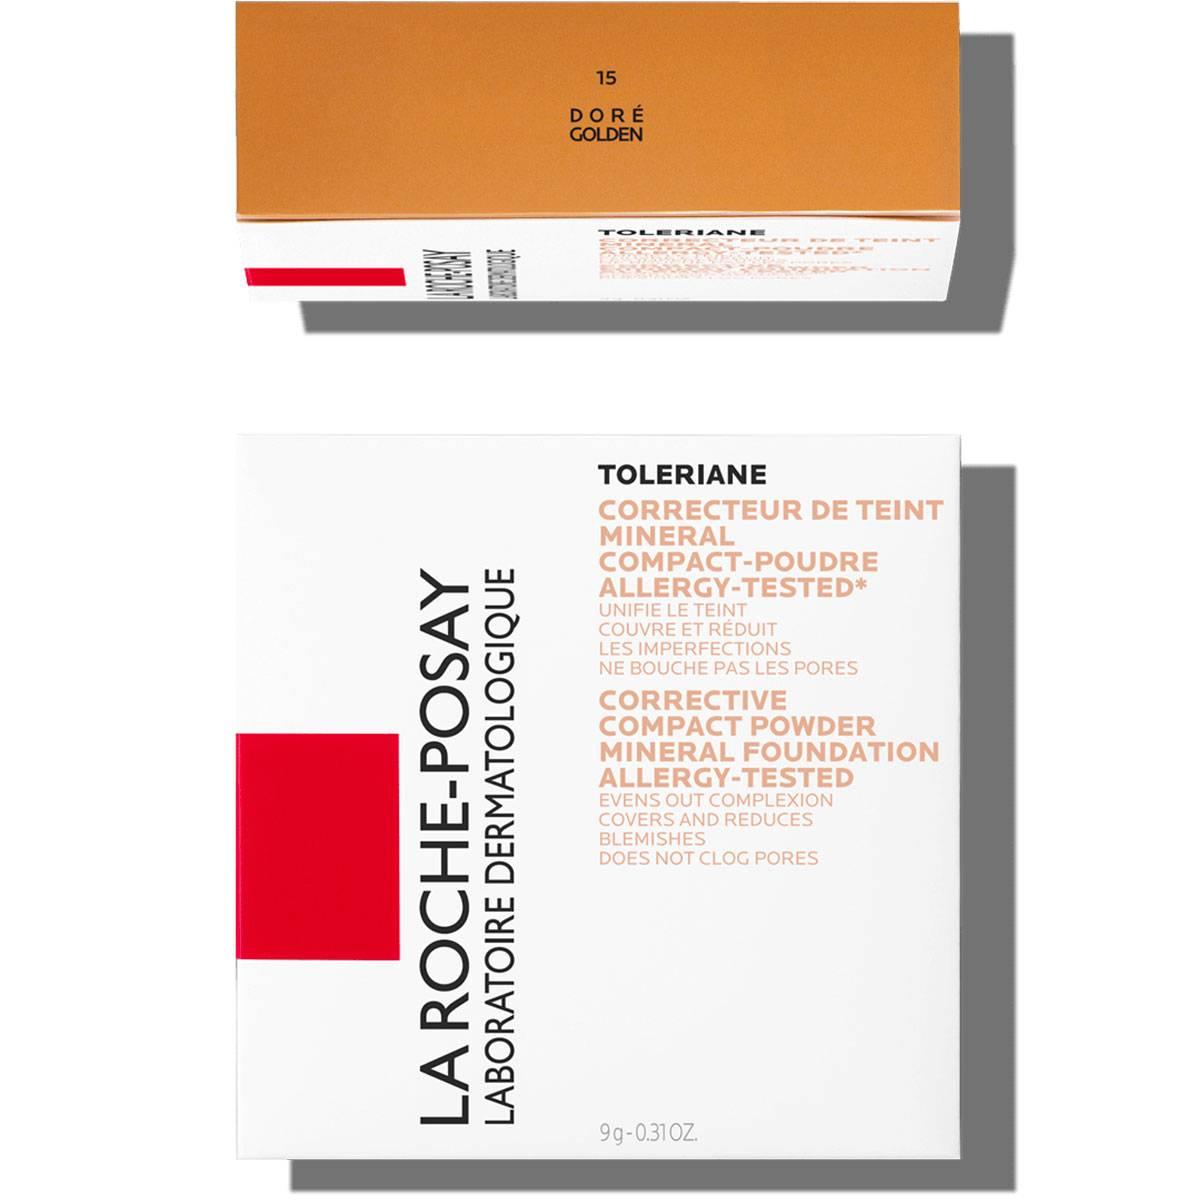 La Roche Posay Herkkä Toleriane Make up COMPACT POWDER 15Golden 333